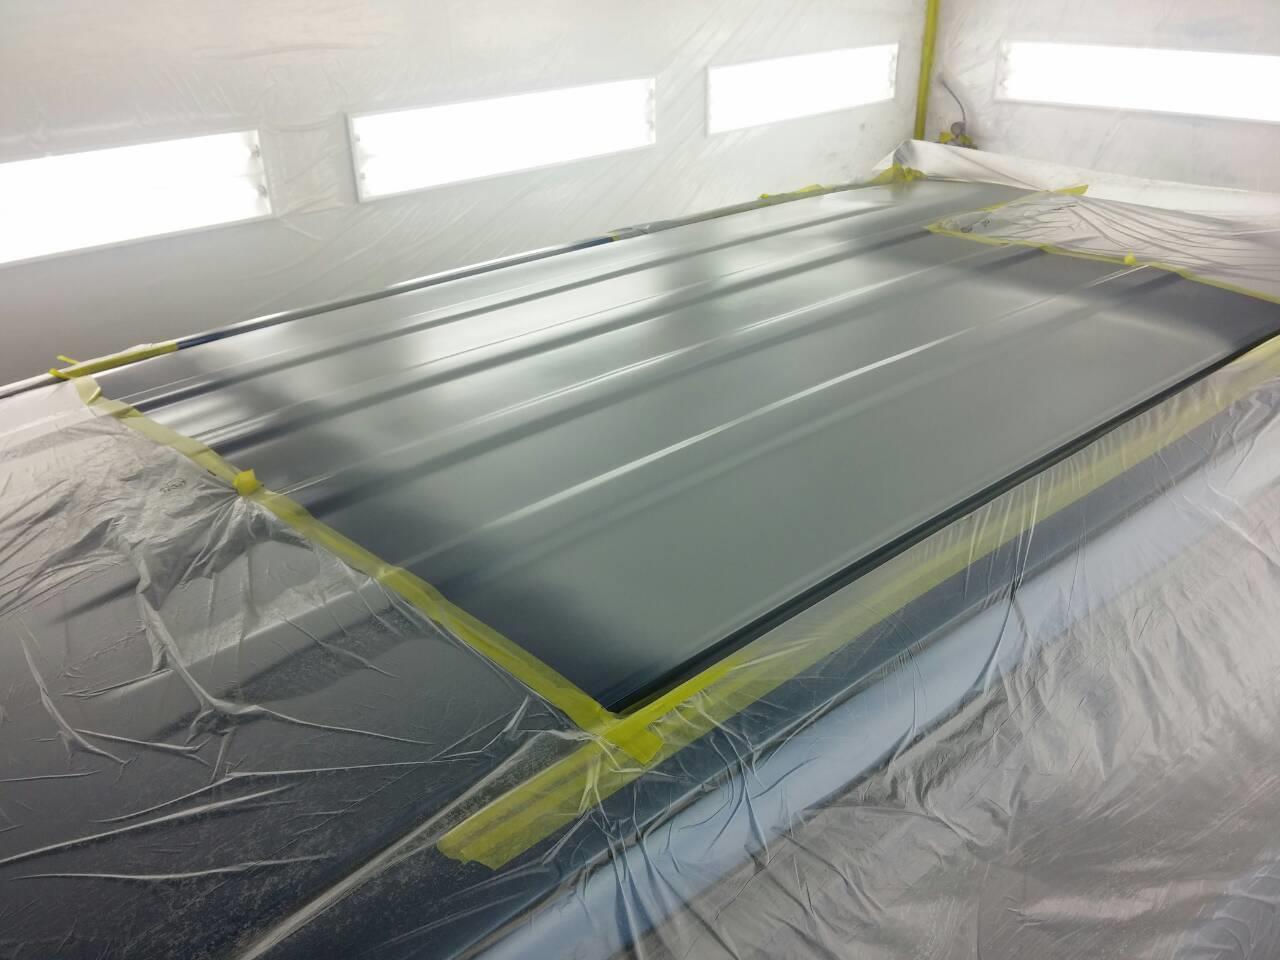 東京都立川市の車の板金塗装修理工場 ガレージローライドのホンダ N-BOXのルーフのキズ へこみ の板金 修理 塗装 です。